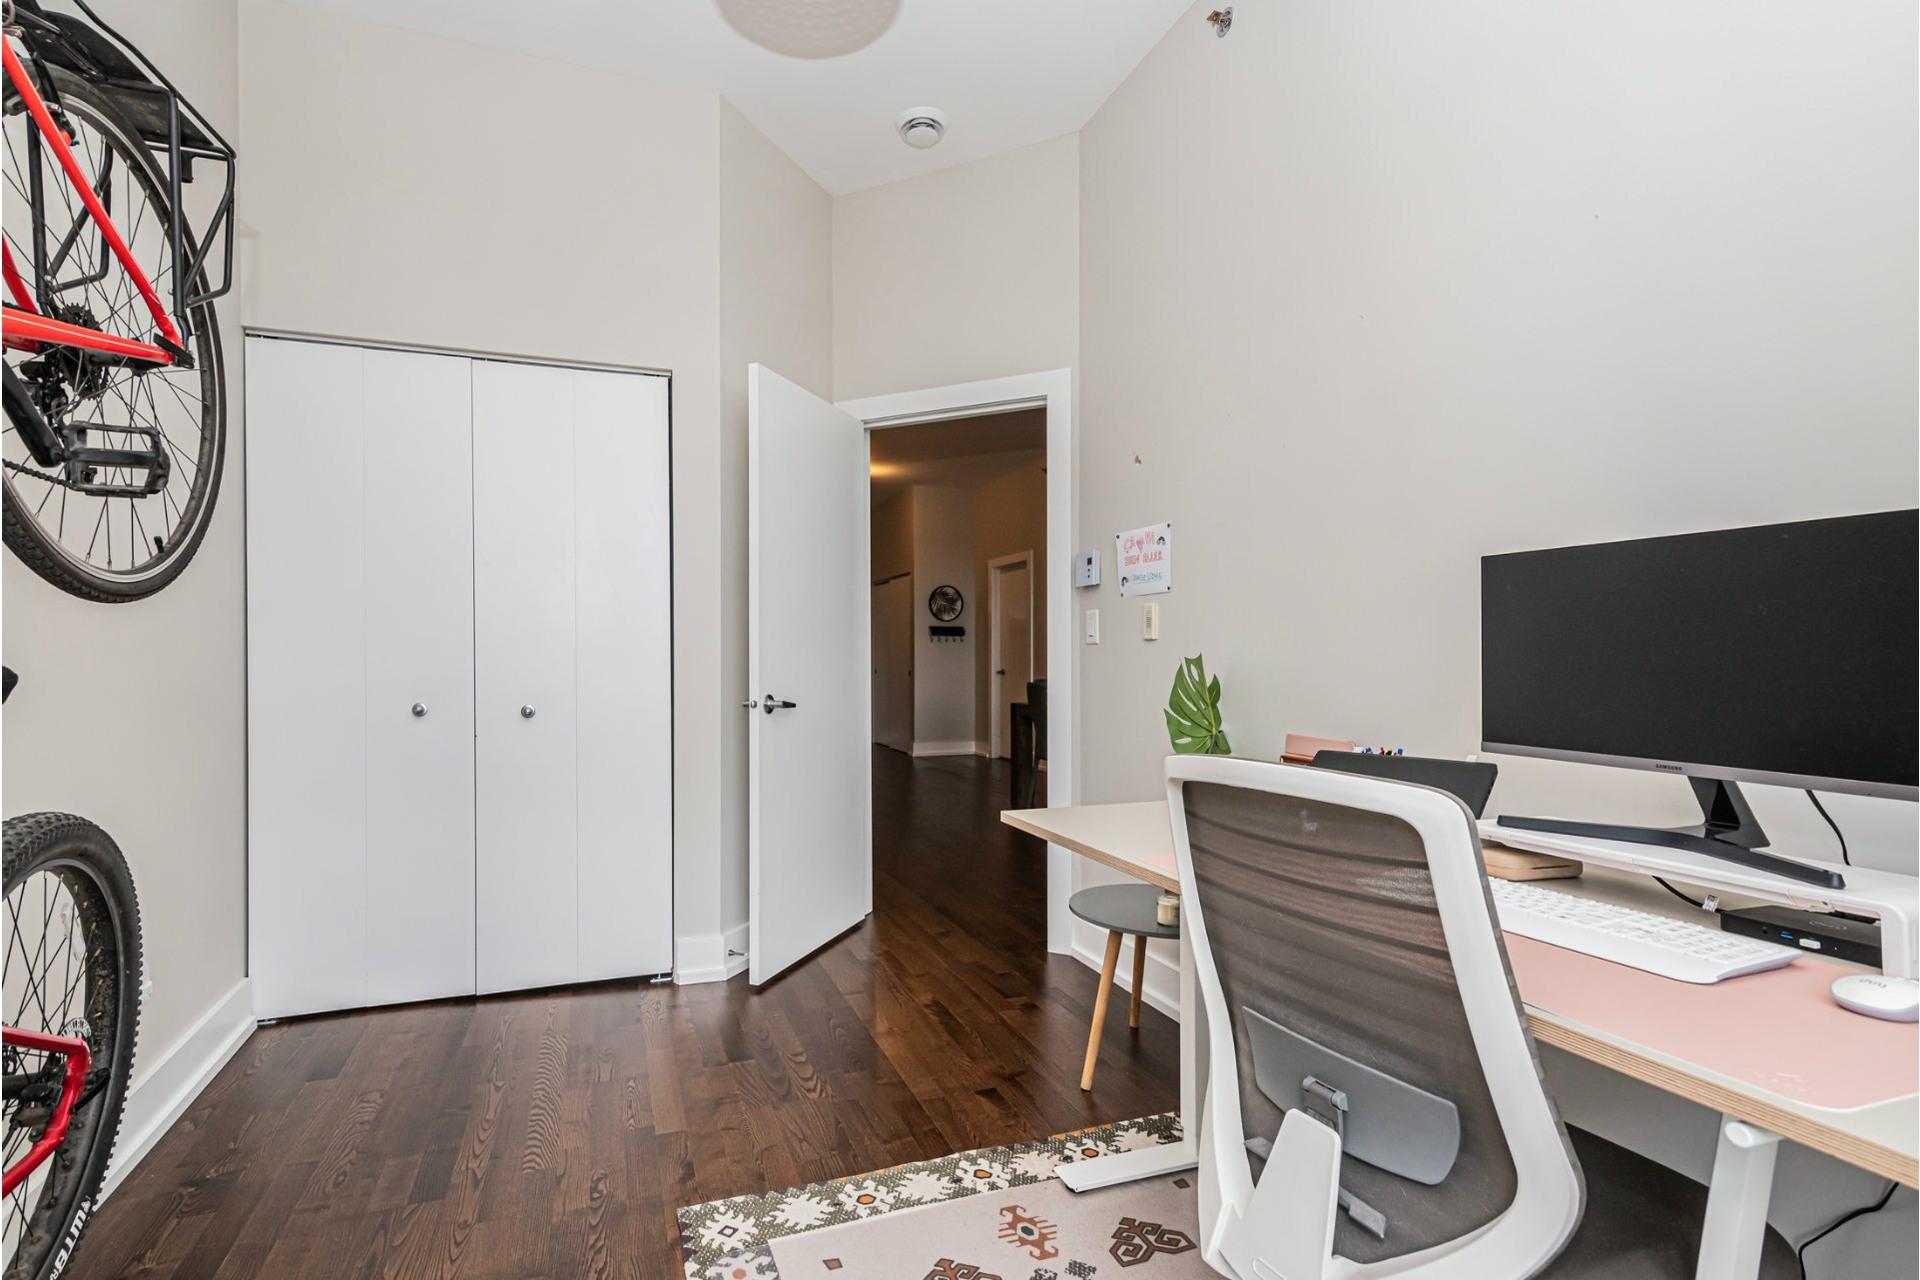 image 29 - Appartement À vendre Lachine Montréal  - 9 pièces